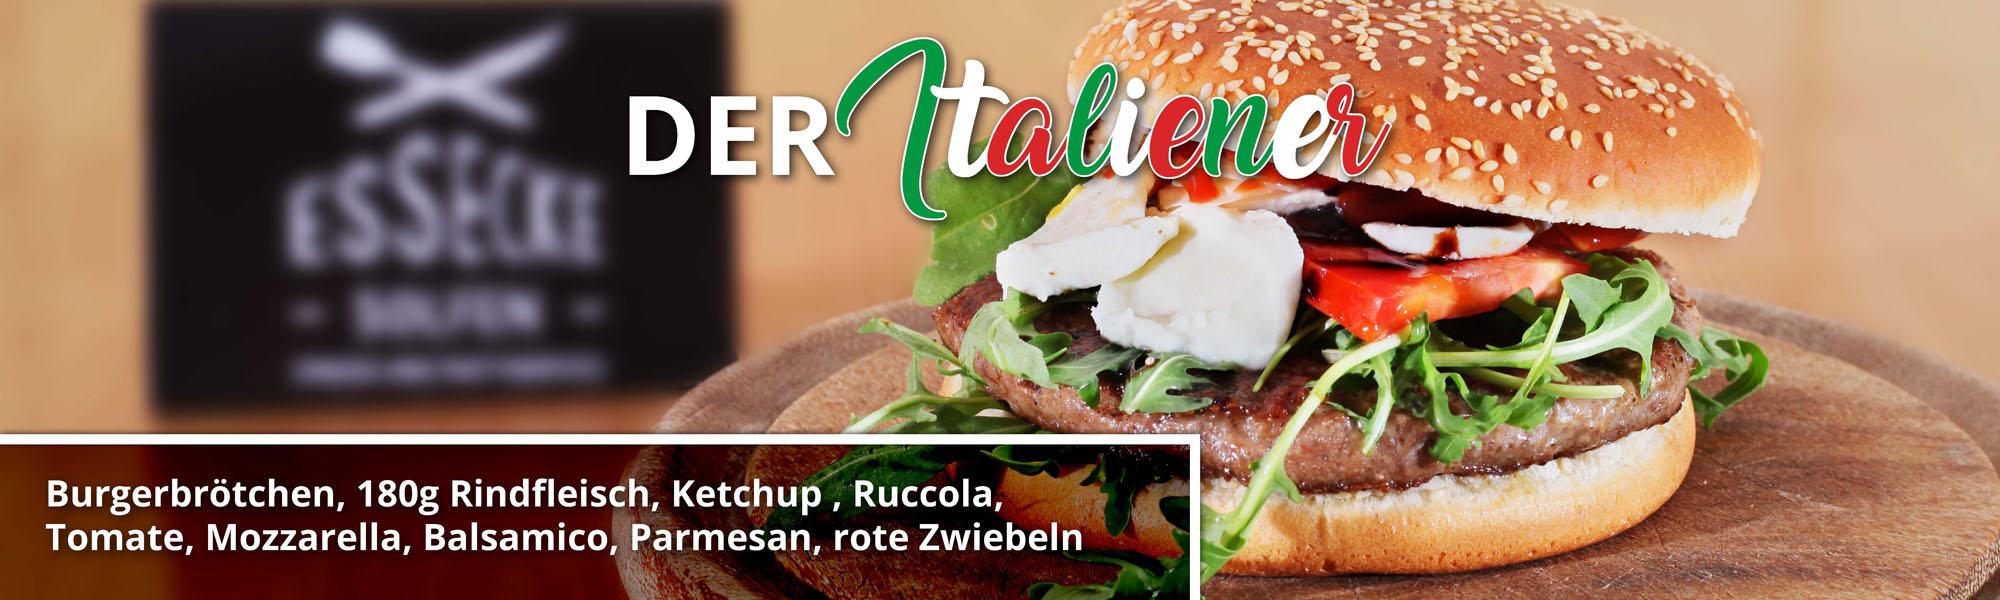 Essecke Solfen Lemgo Burger Der Italiener